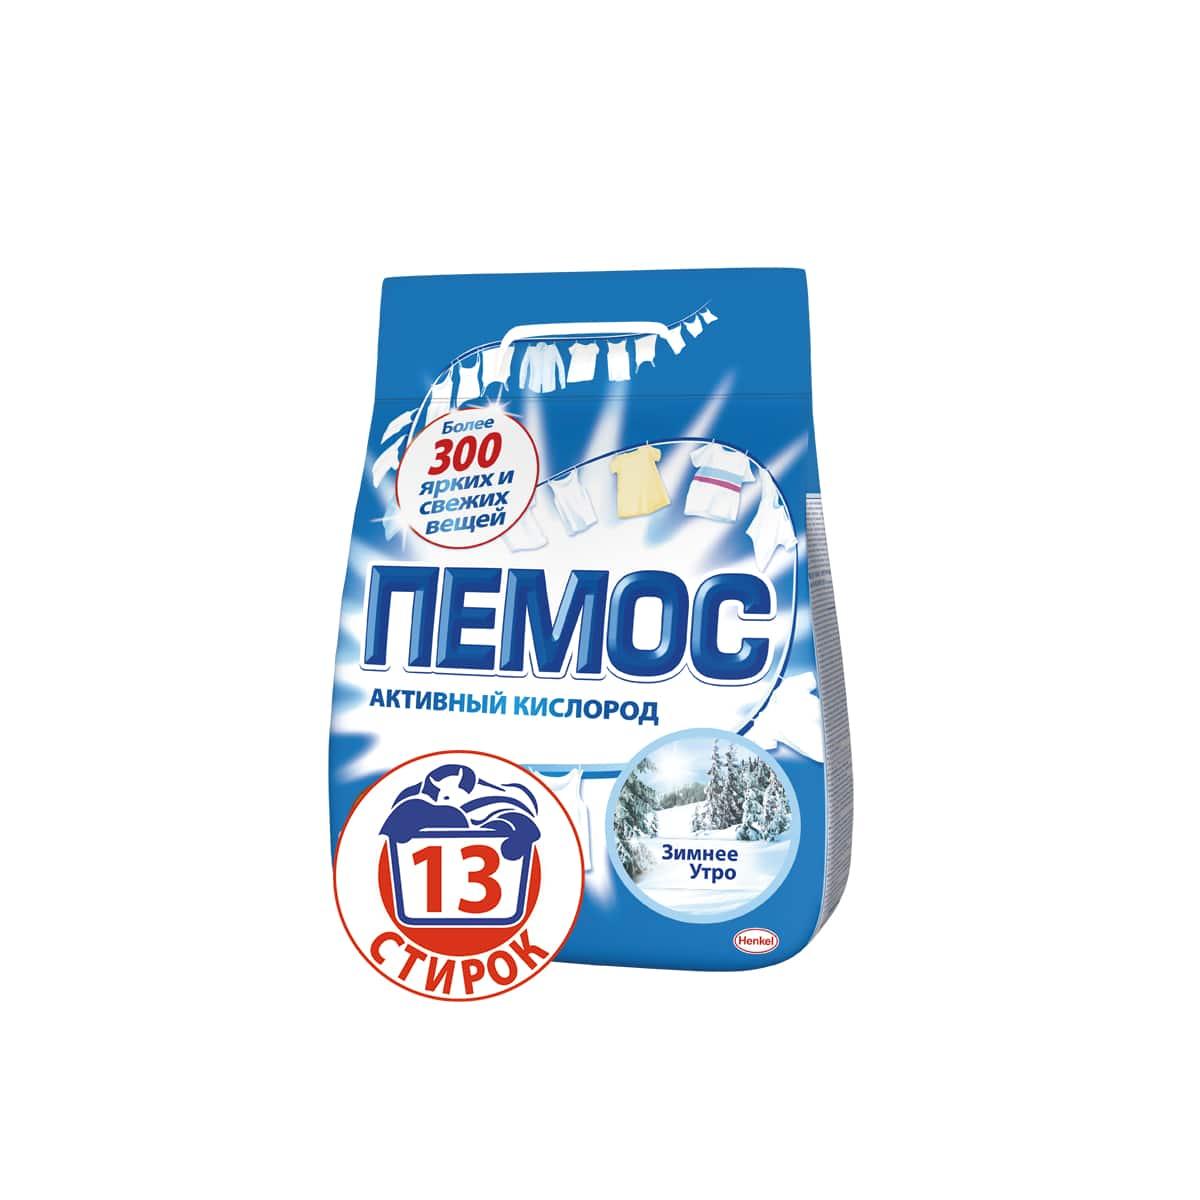 Стиральный порошок Пемос Зимнее утро, для белого и светлого белья, 2 кгS03301004Пемос Зимнее утро - стиральный порошок с эффективной формулой, которая отлично отстирывает различные загрязнения. Проникая между волокнами ткани, он растворяте и удаляет грязь, а содержащийся в его вормуле активный кислород придает вашим вещам сияющую белизну. С помощью всего лишь одной пачки вы сможете отстирать более 300 вещей. Пемос Зимнее утро - стирает много, стоит недорого.